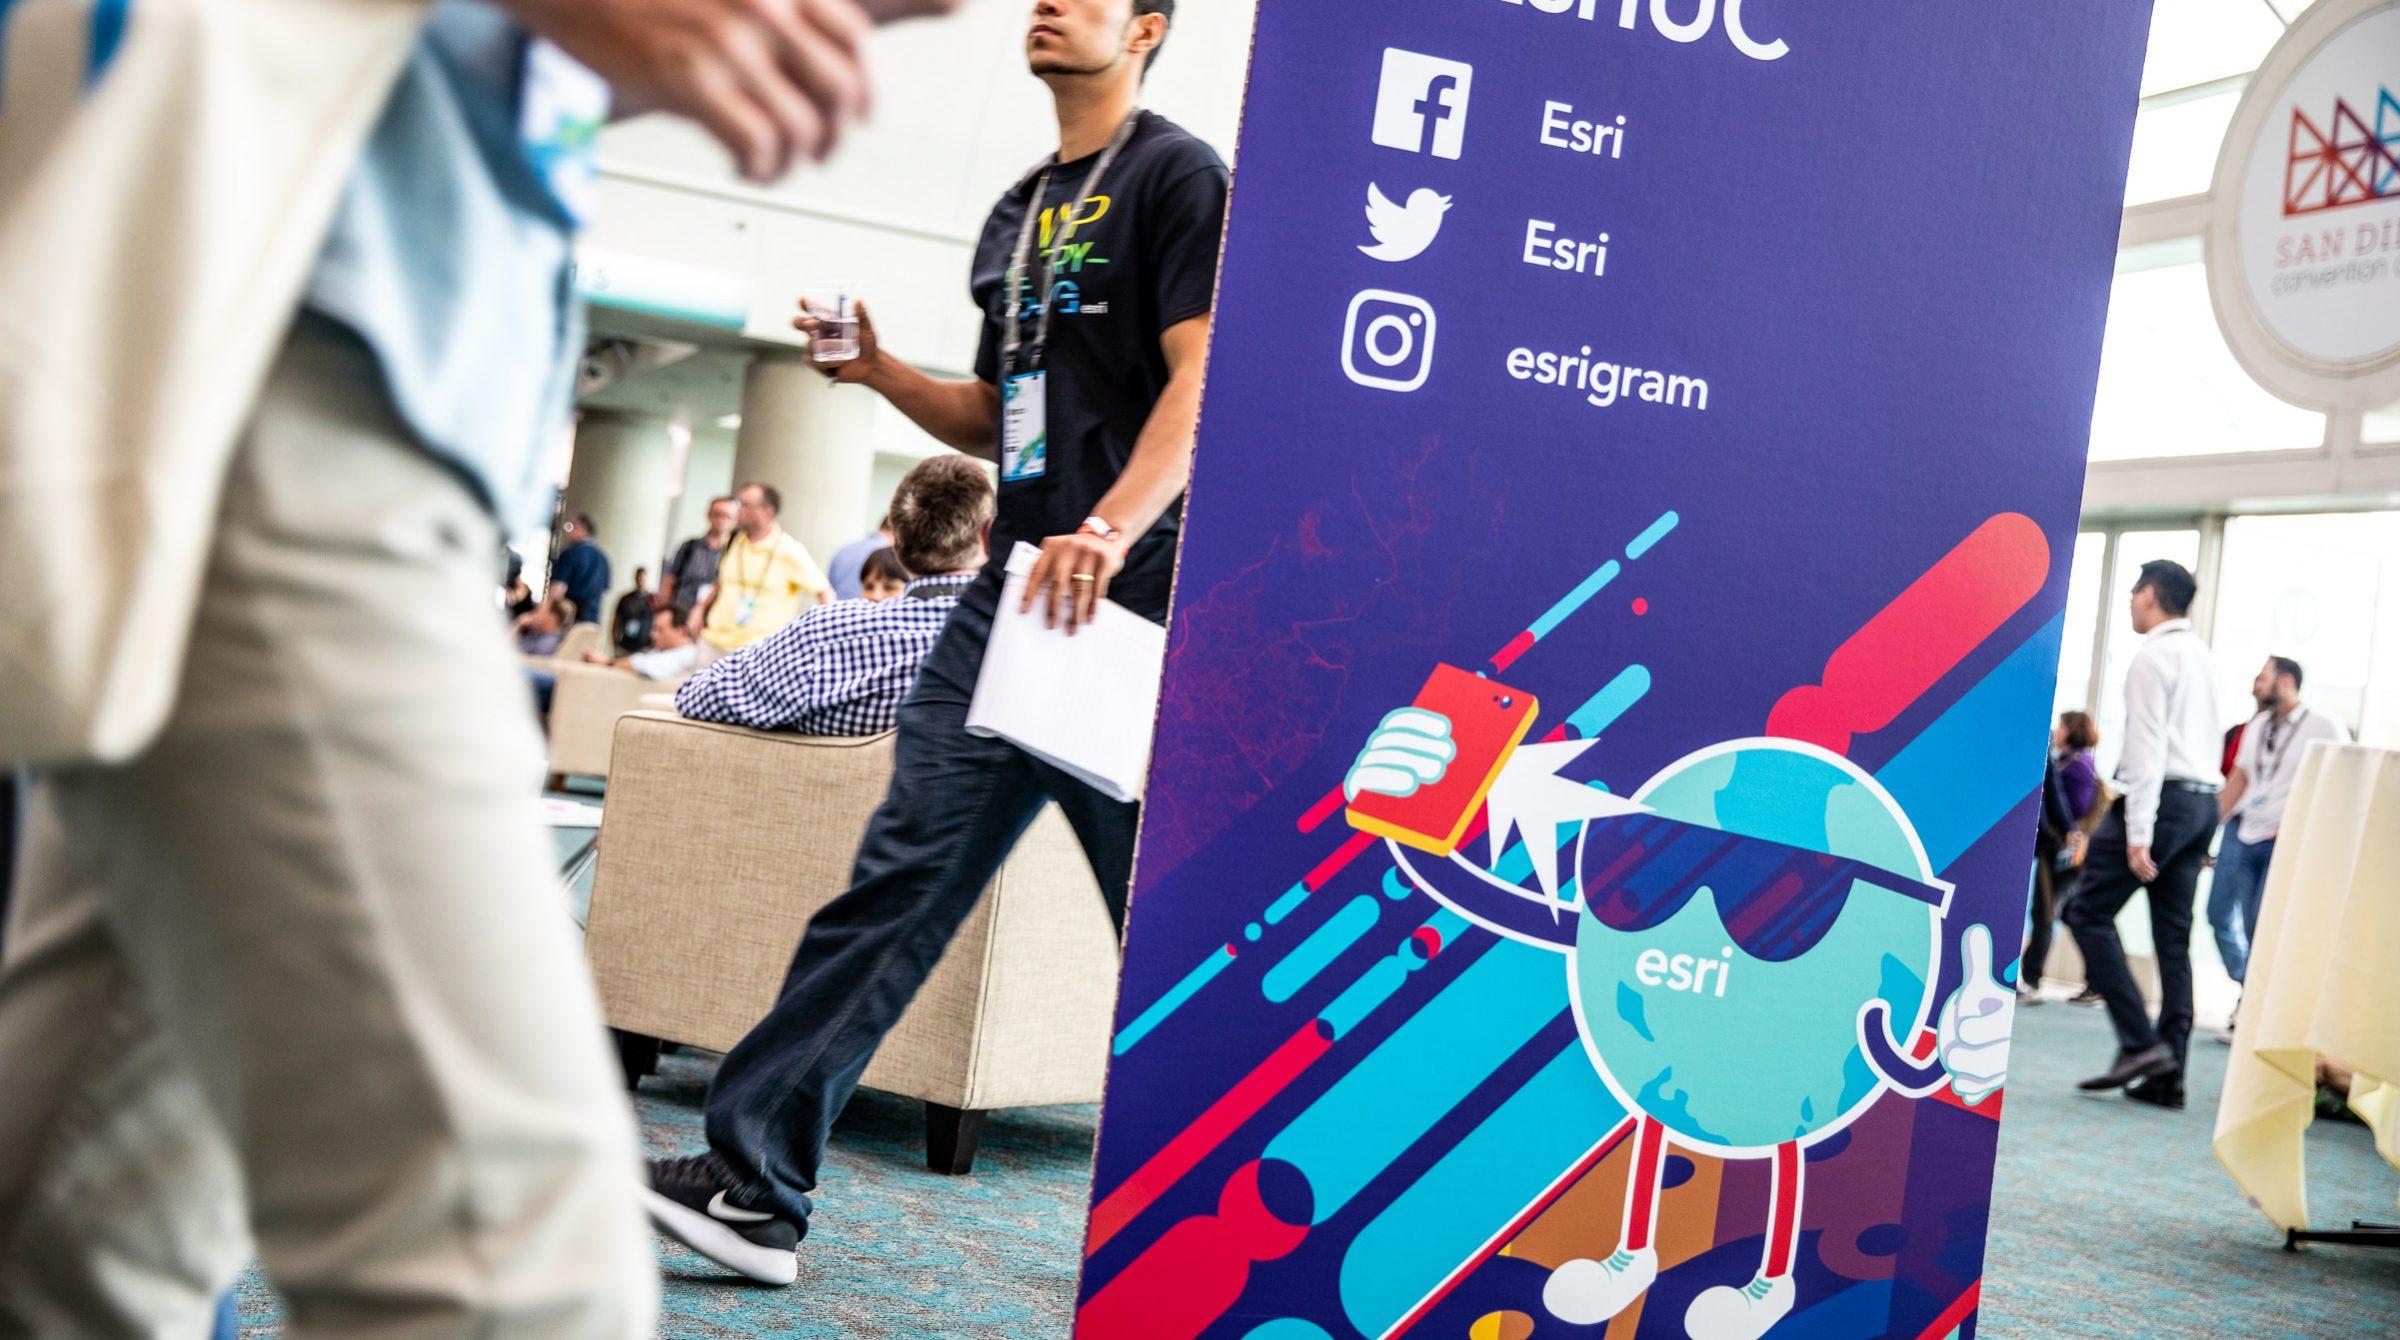 Esris användarkonferens i San Diego, Kalifornien